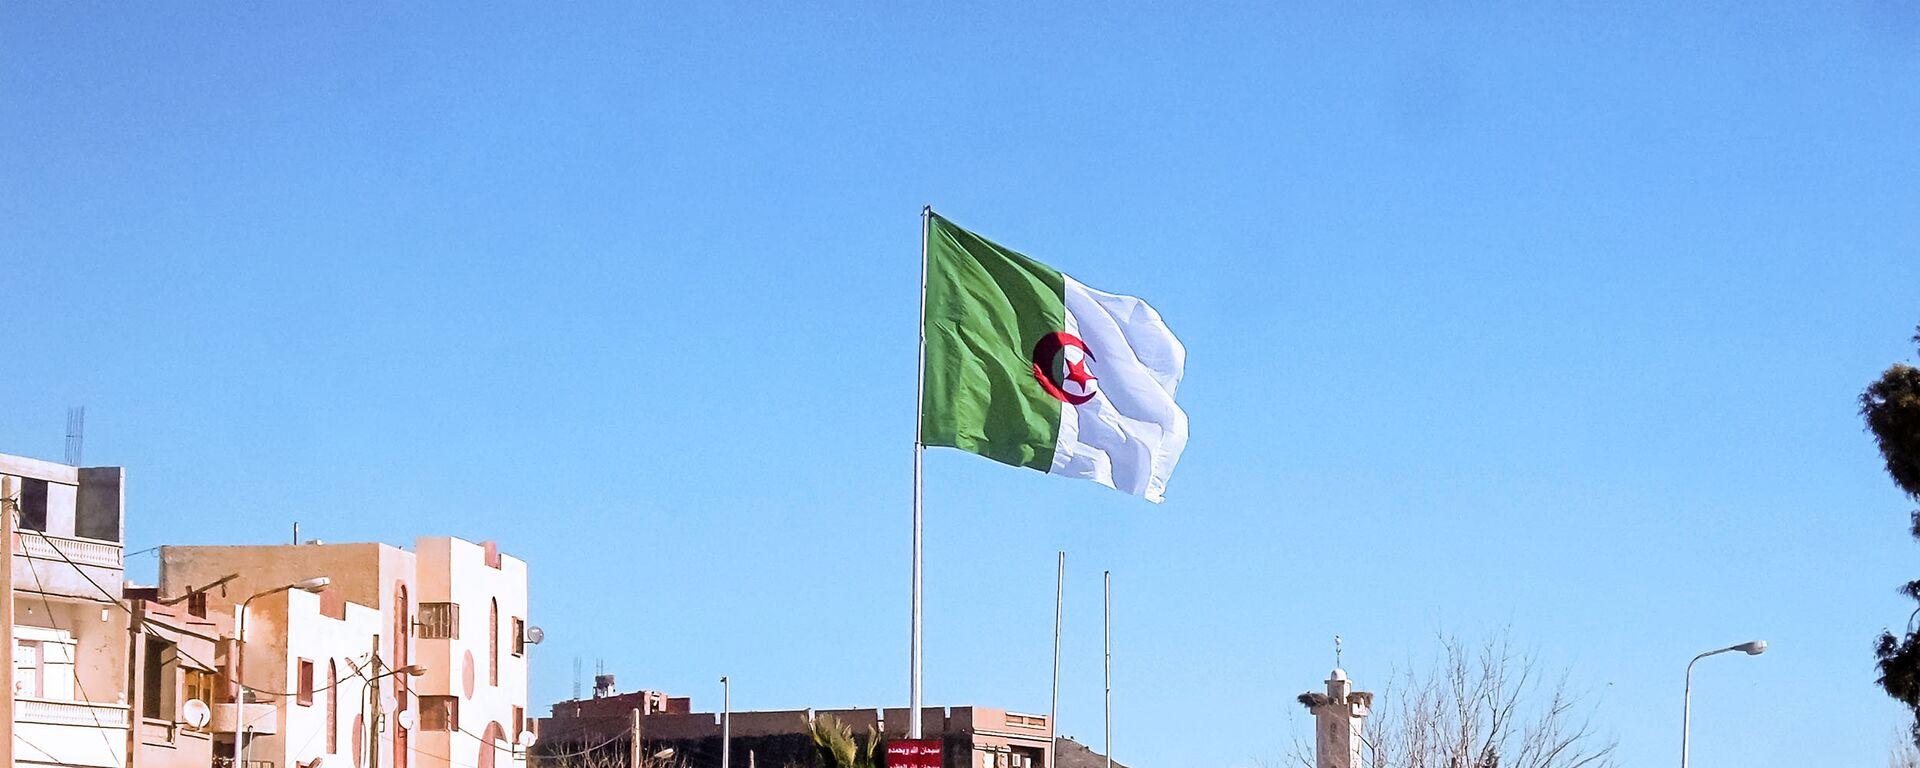 La bandera de Argelia - Sputnik Mundo, 1920, 06.09.2021